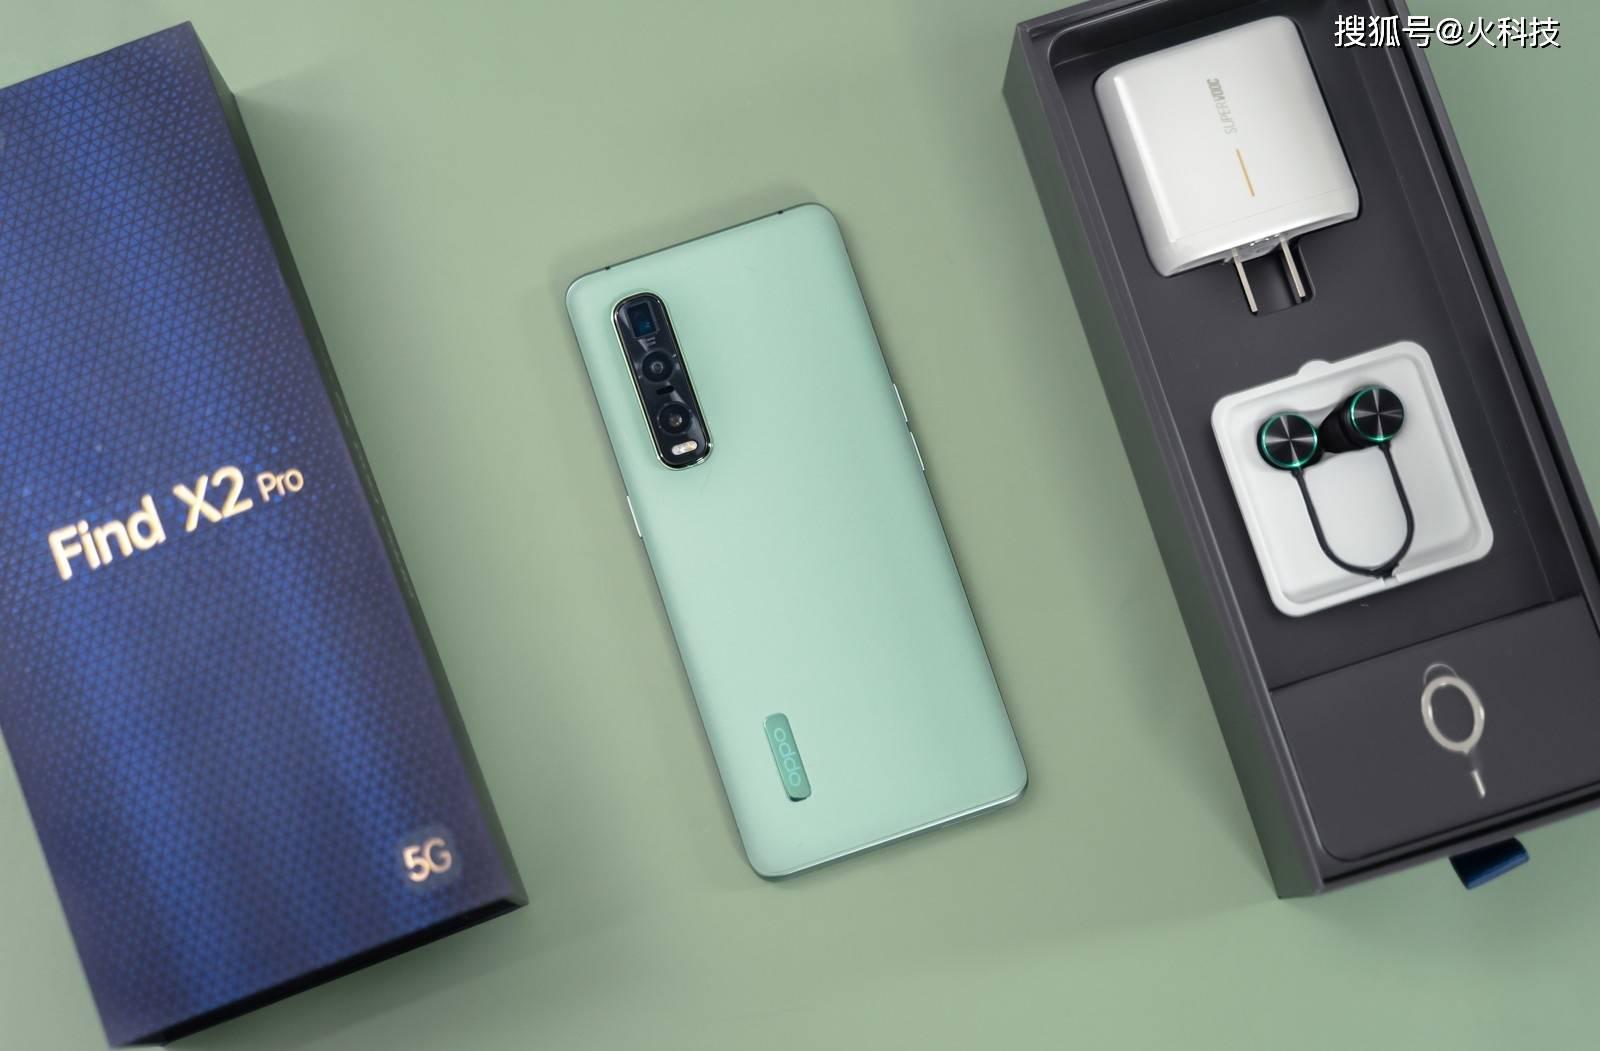 不再是高价低配手机!OPPO Find X3Pro有望成高配置旗舰手机